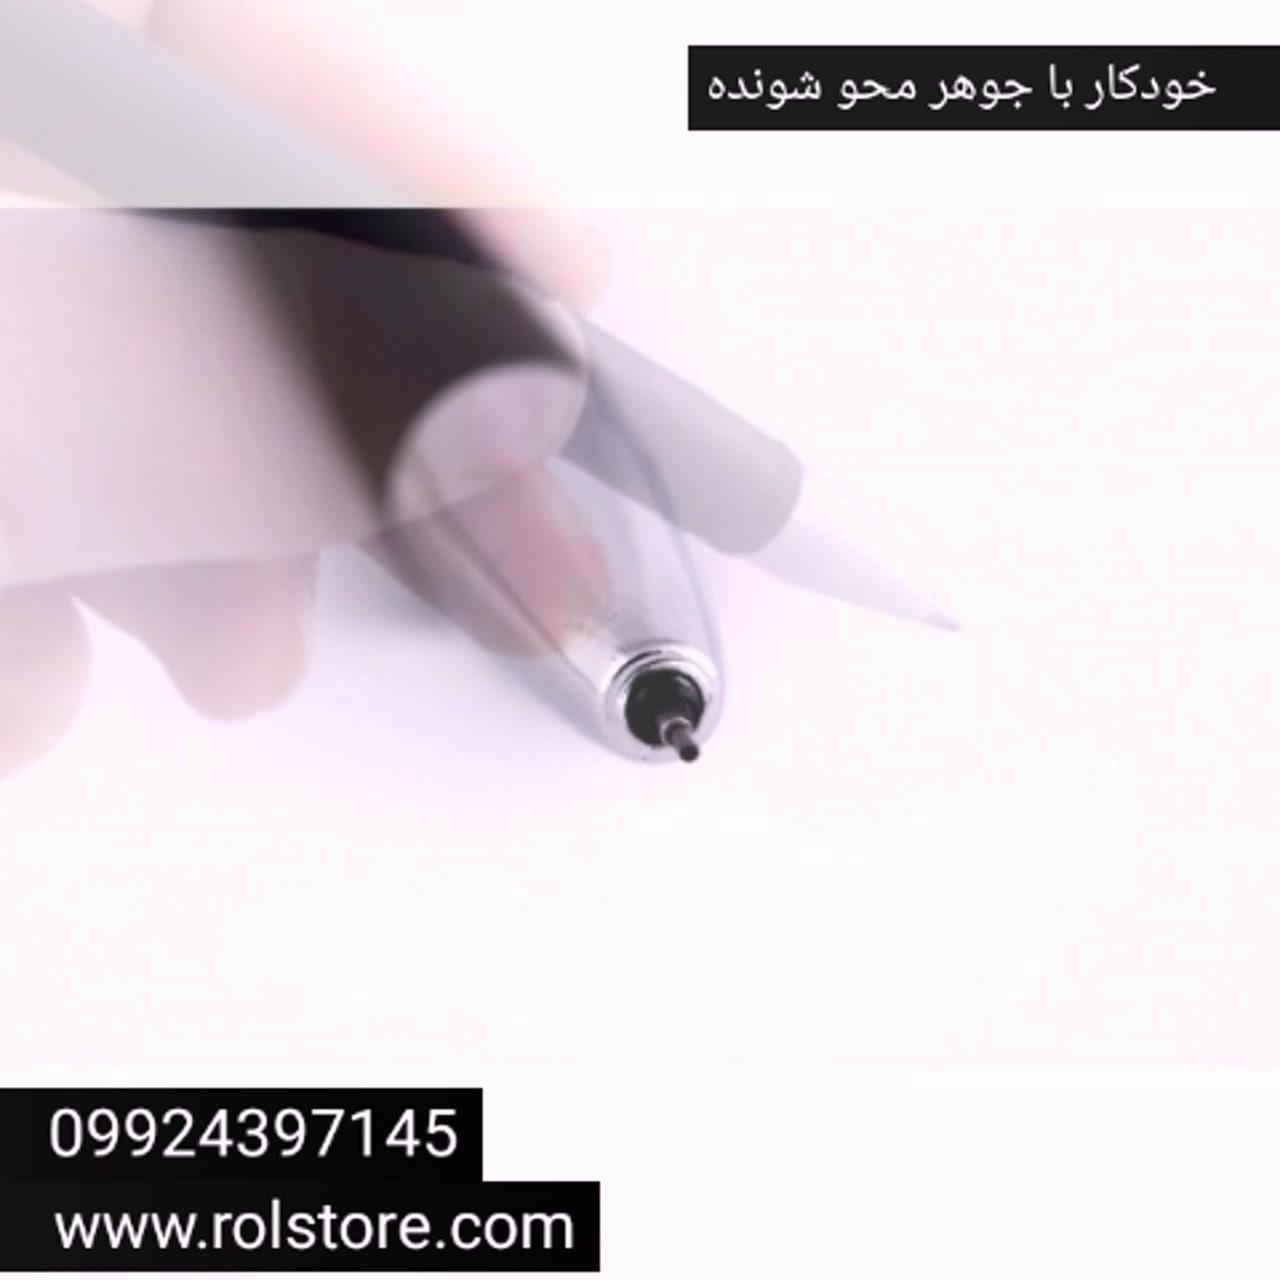 خودکار باجوهر محوشونده 09924397145